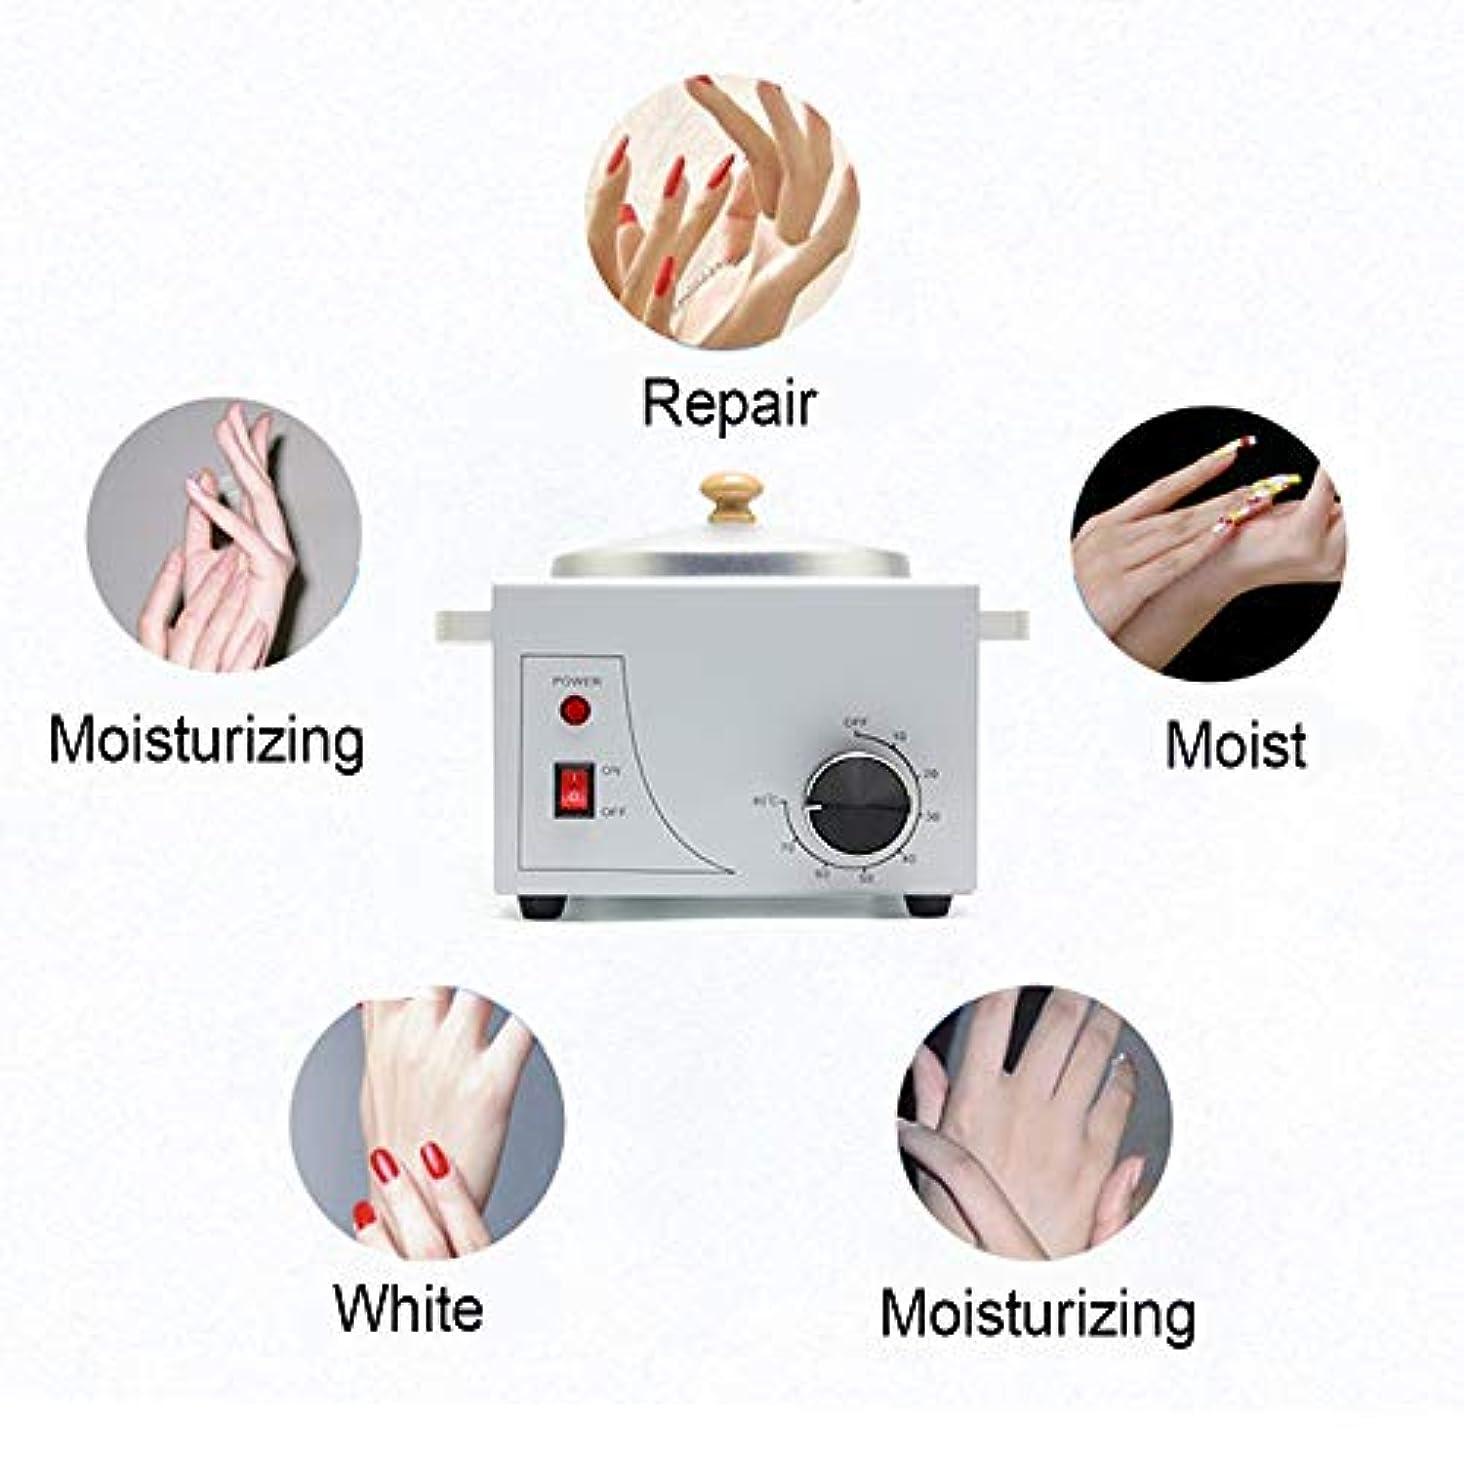 政策先のことを考える科学携帯用電気ホットワックスウォーマーマシン可変温度での脱毛、プロフェッショナルシングルポット電気ワックスウォーマーマシンの